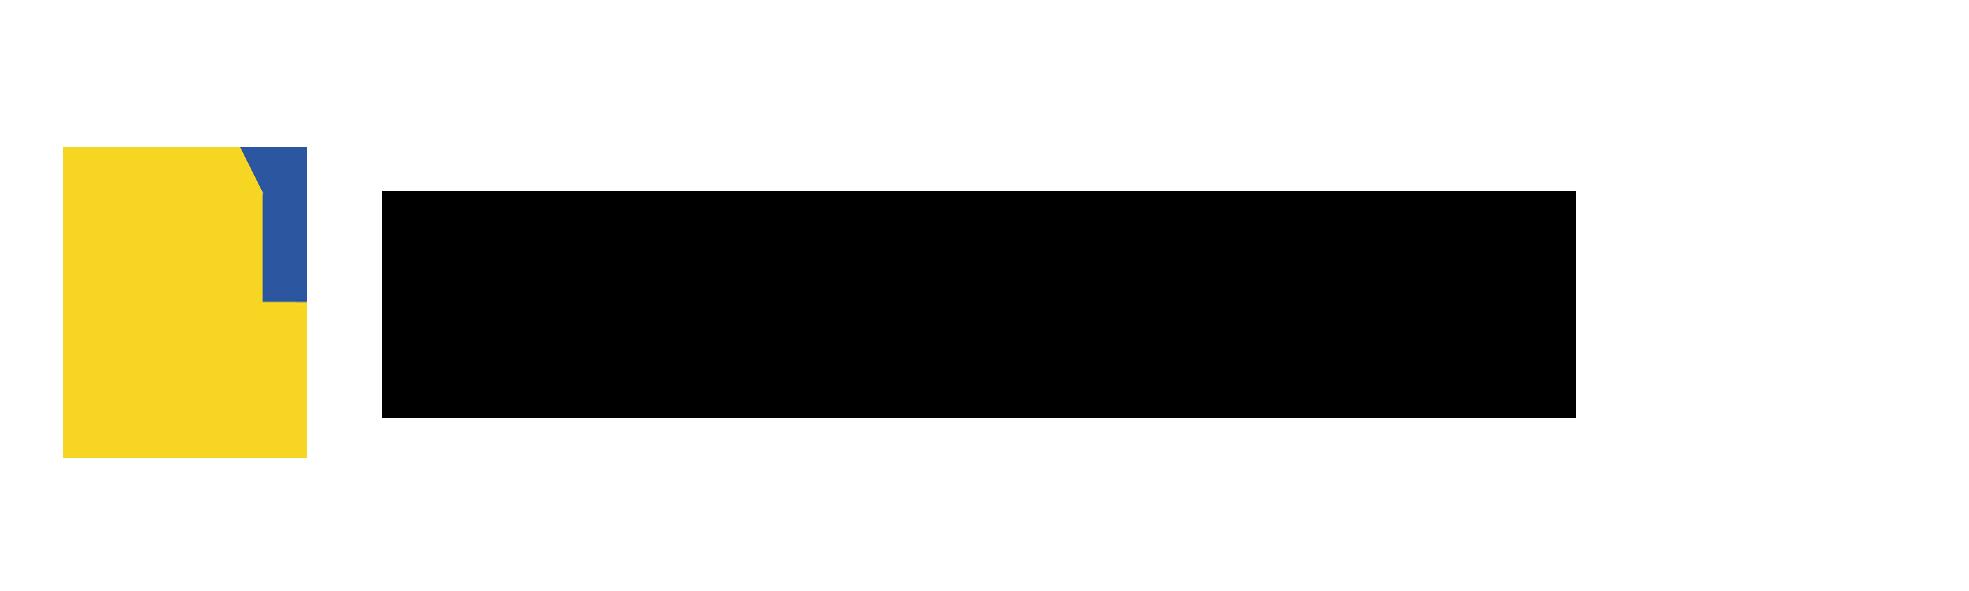 Лого_англ_1(1)